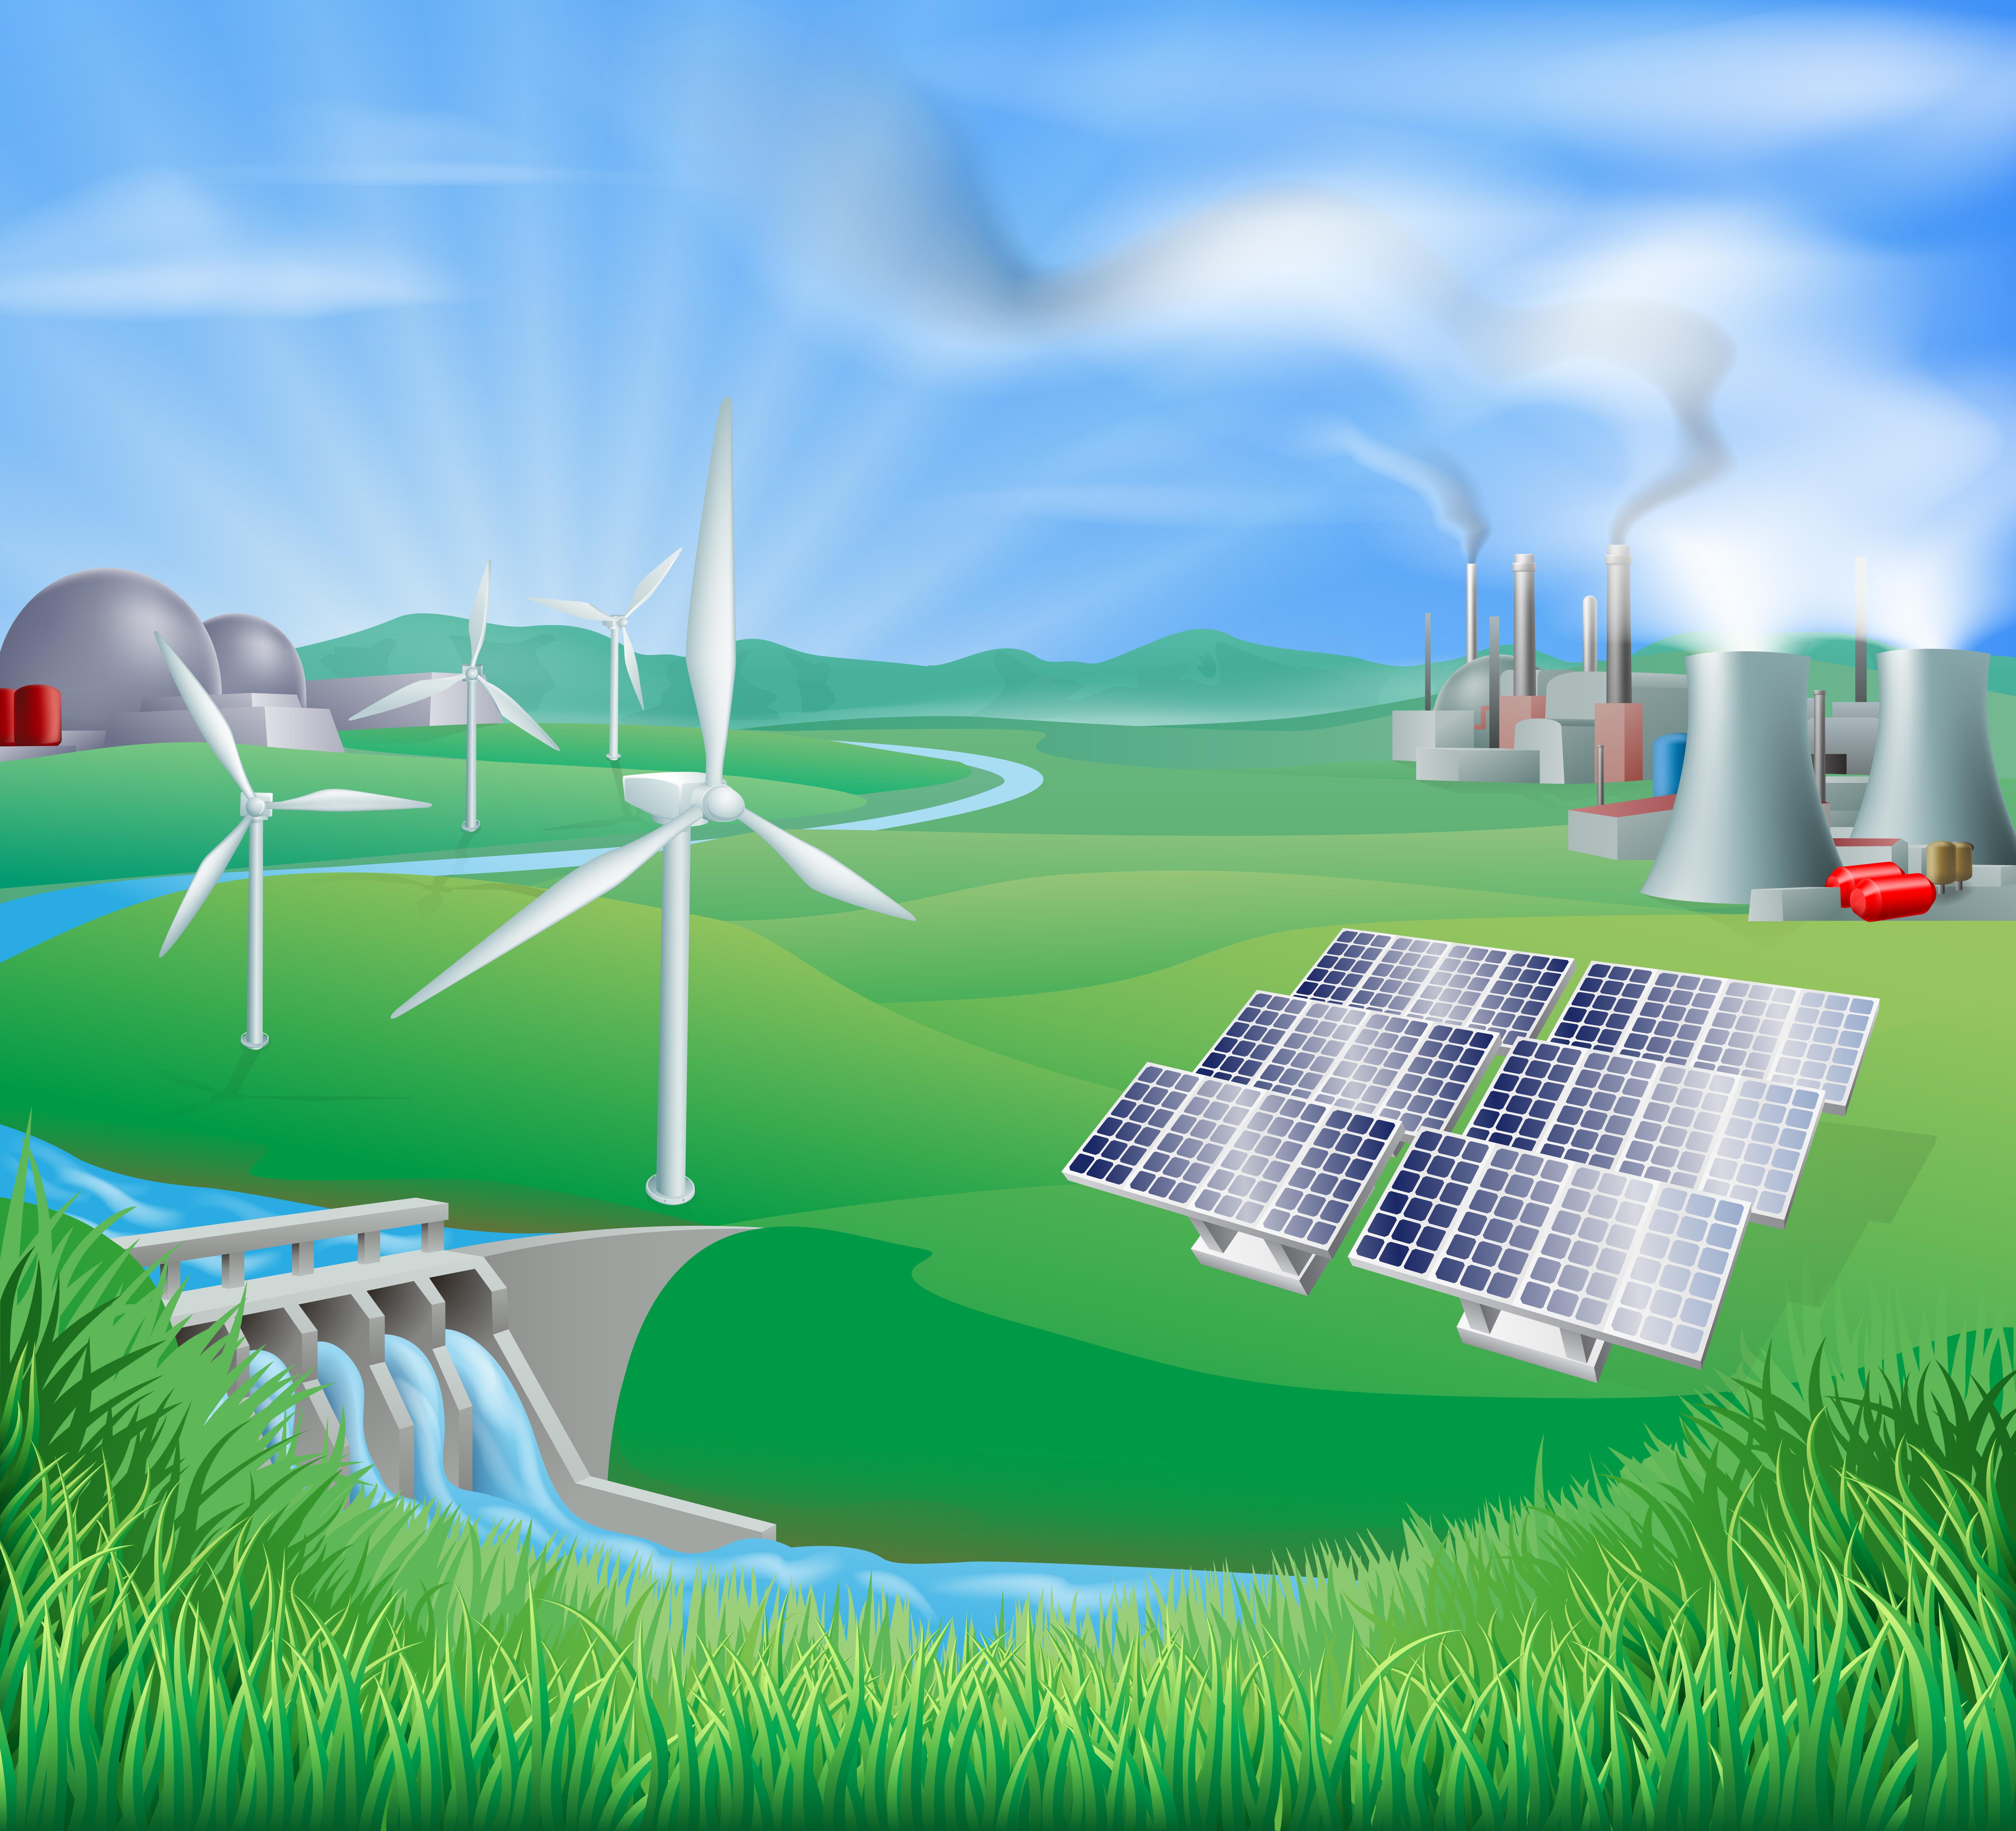 The Renewable Energy Paradox